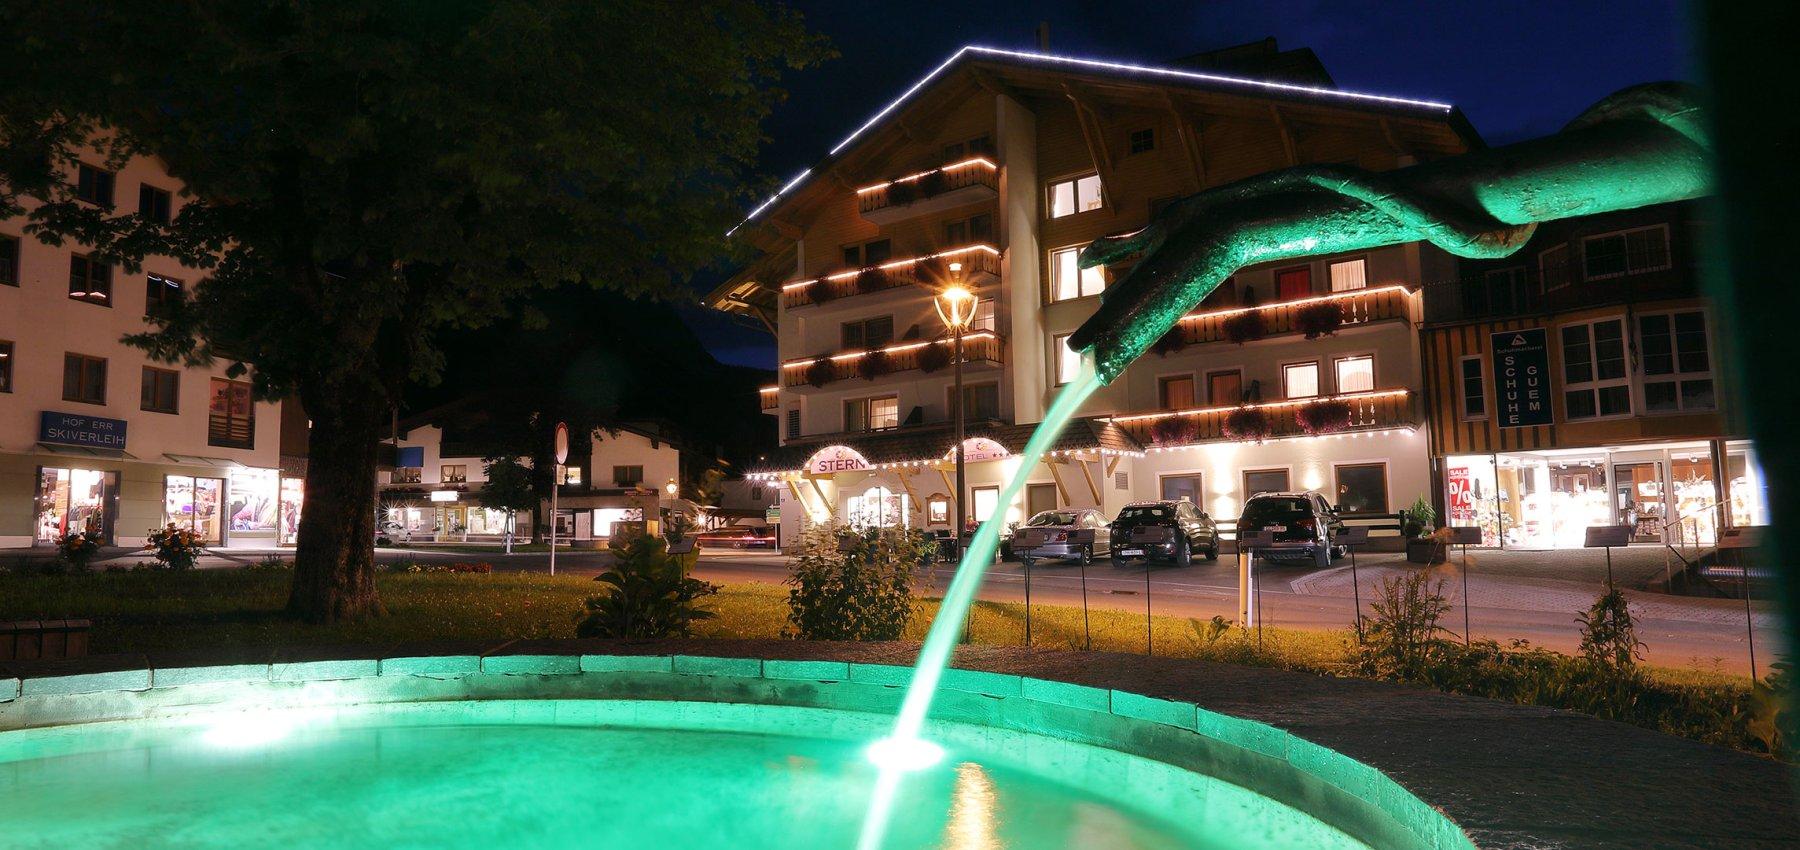 Thb Hotel Stern In Ehrwald